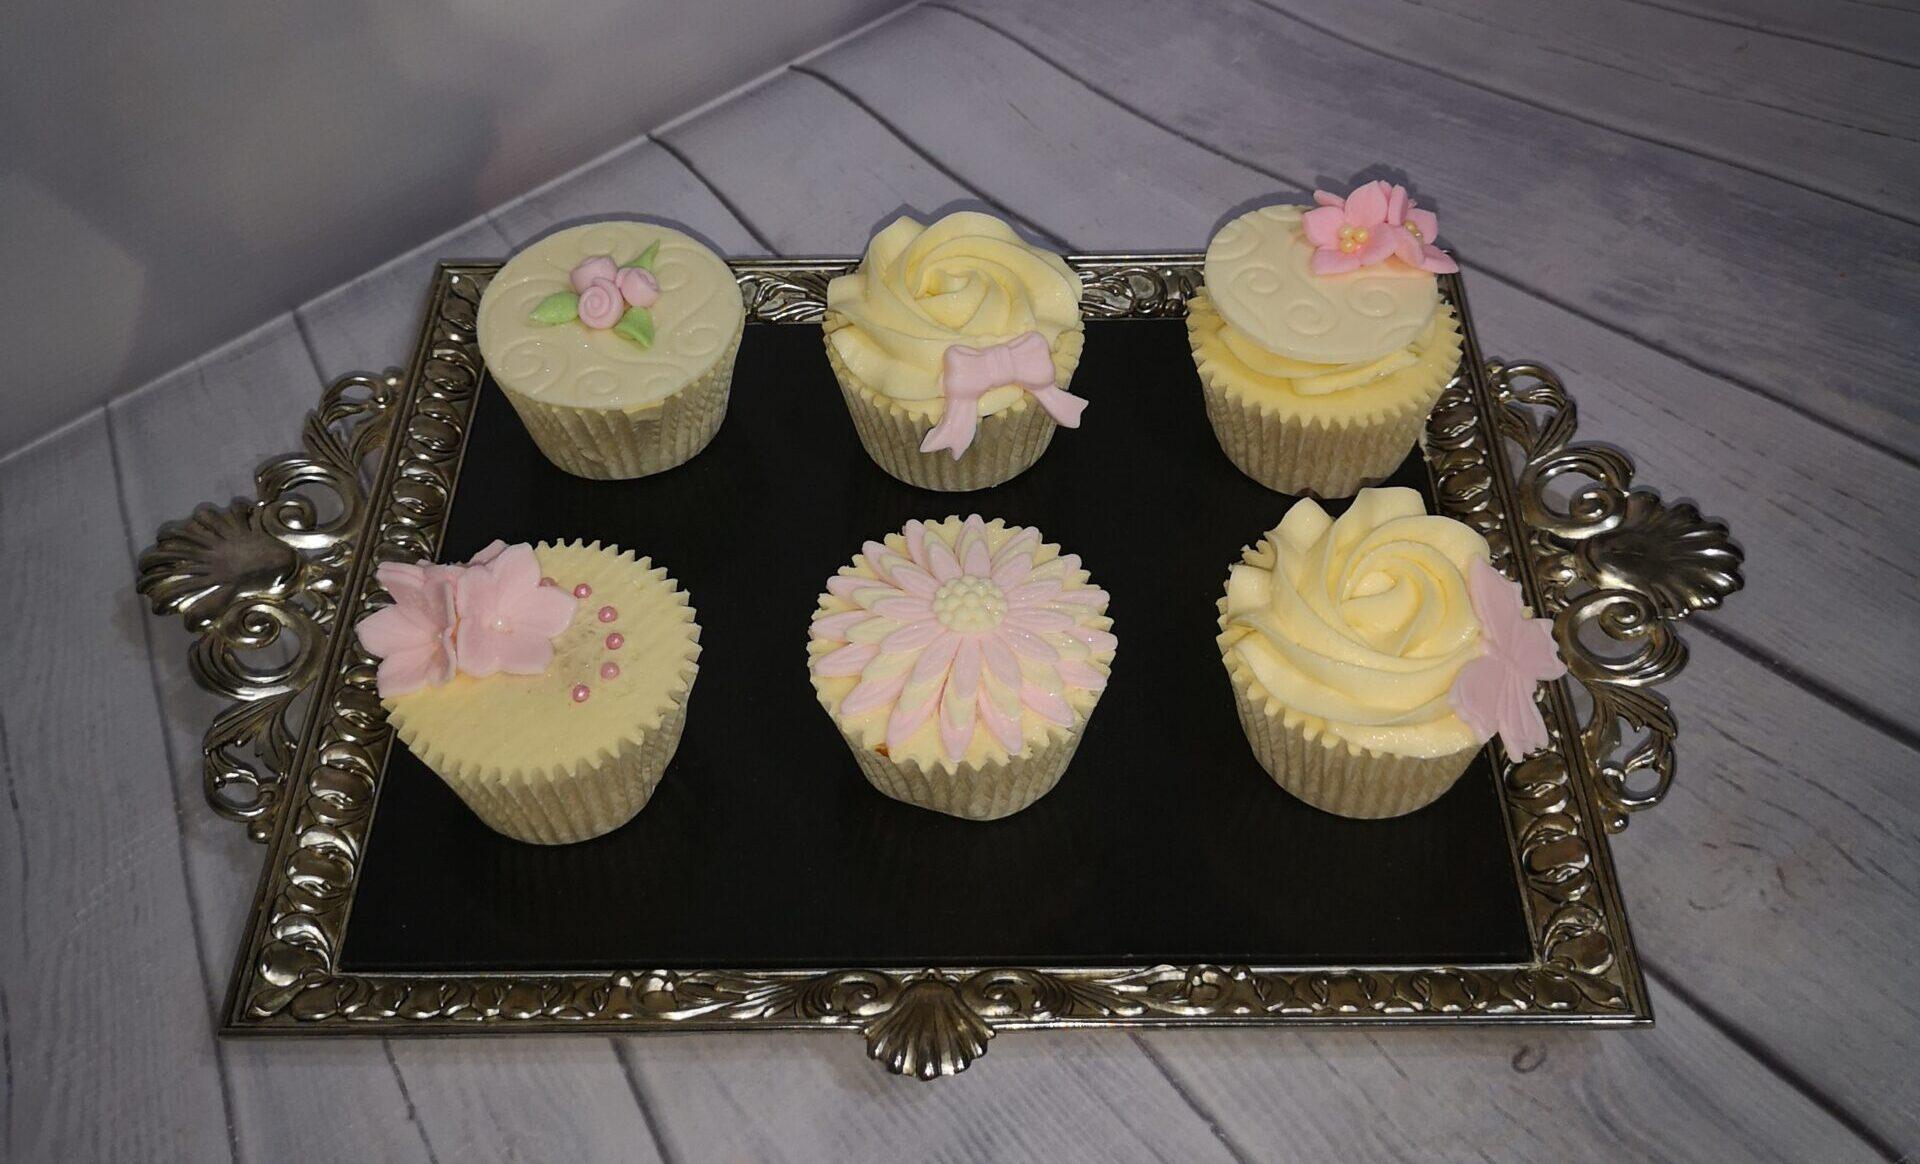 6 Cakes